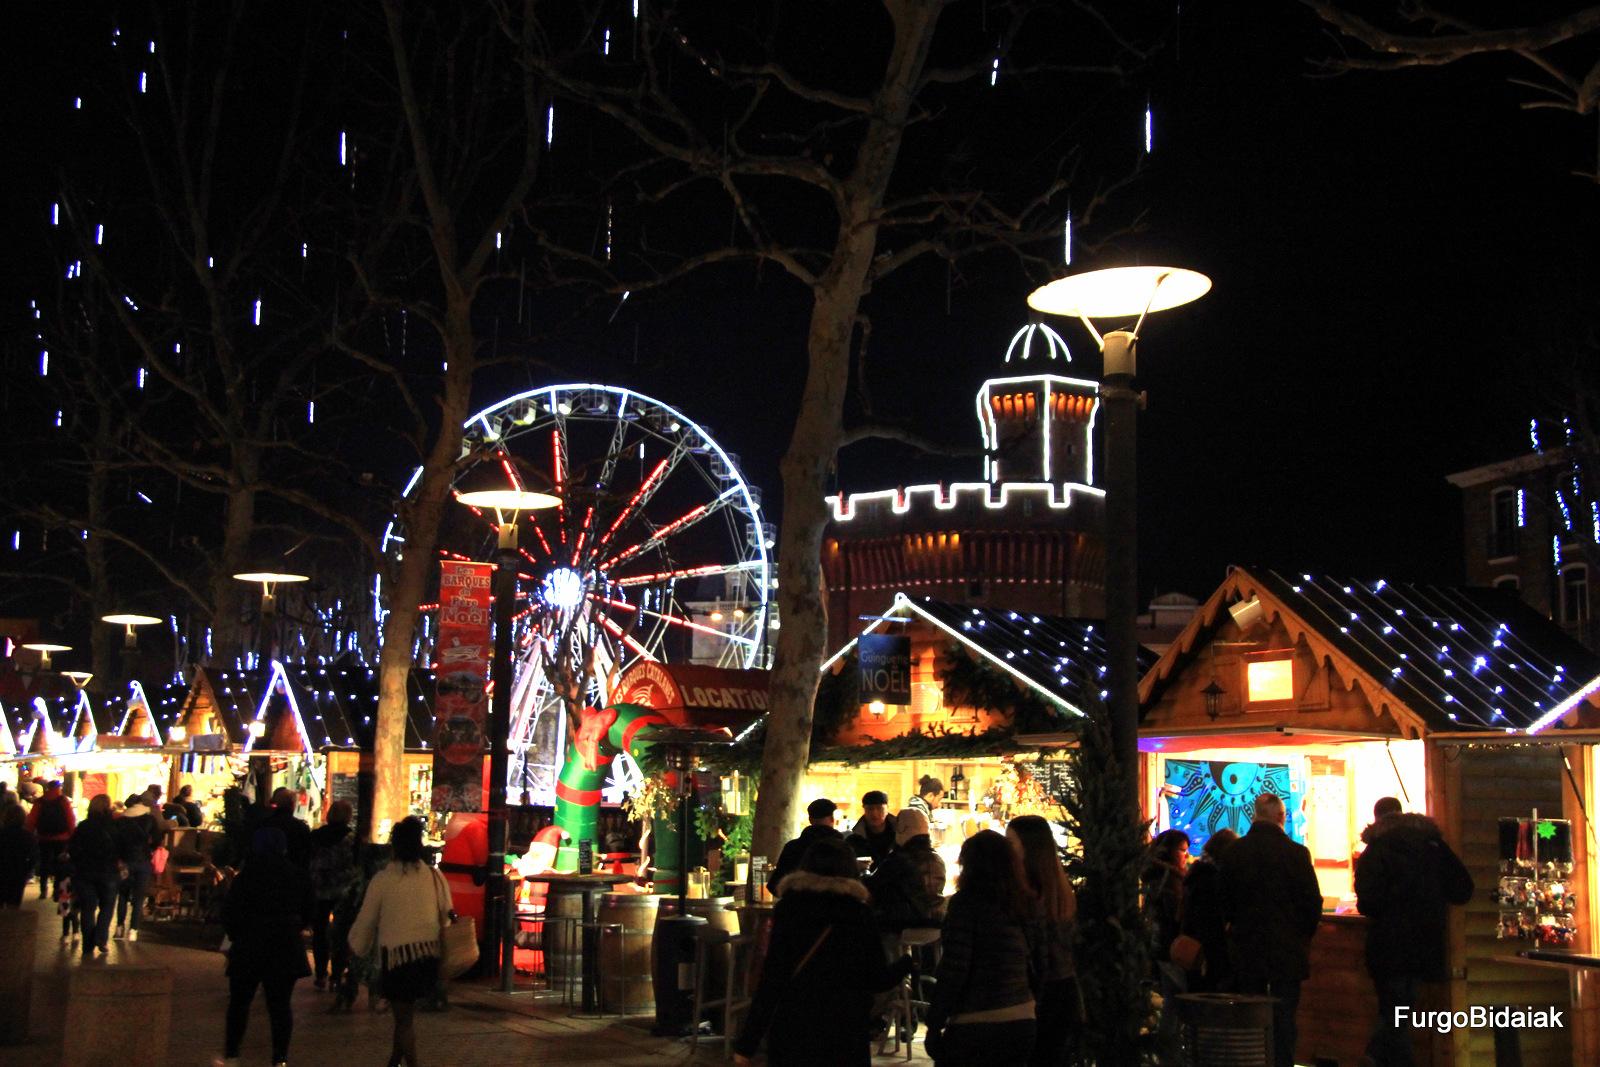 Mercado de Navidad Perpignan